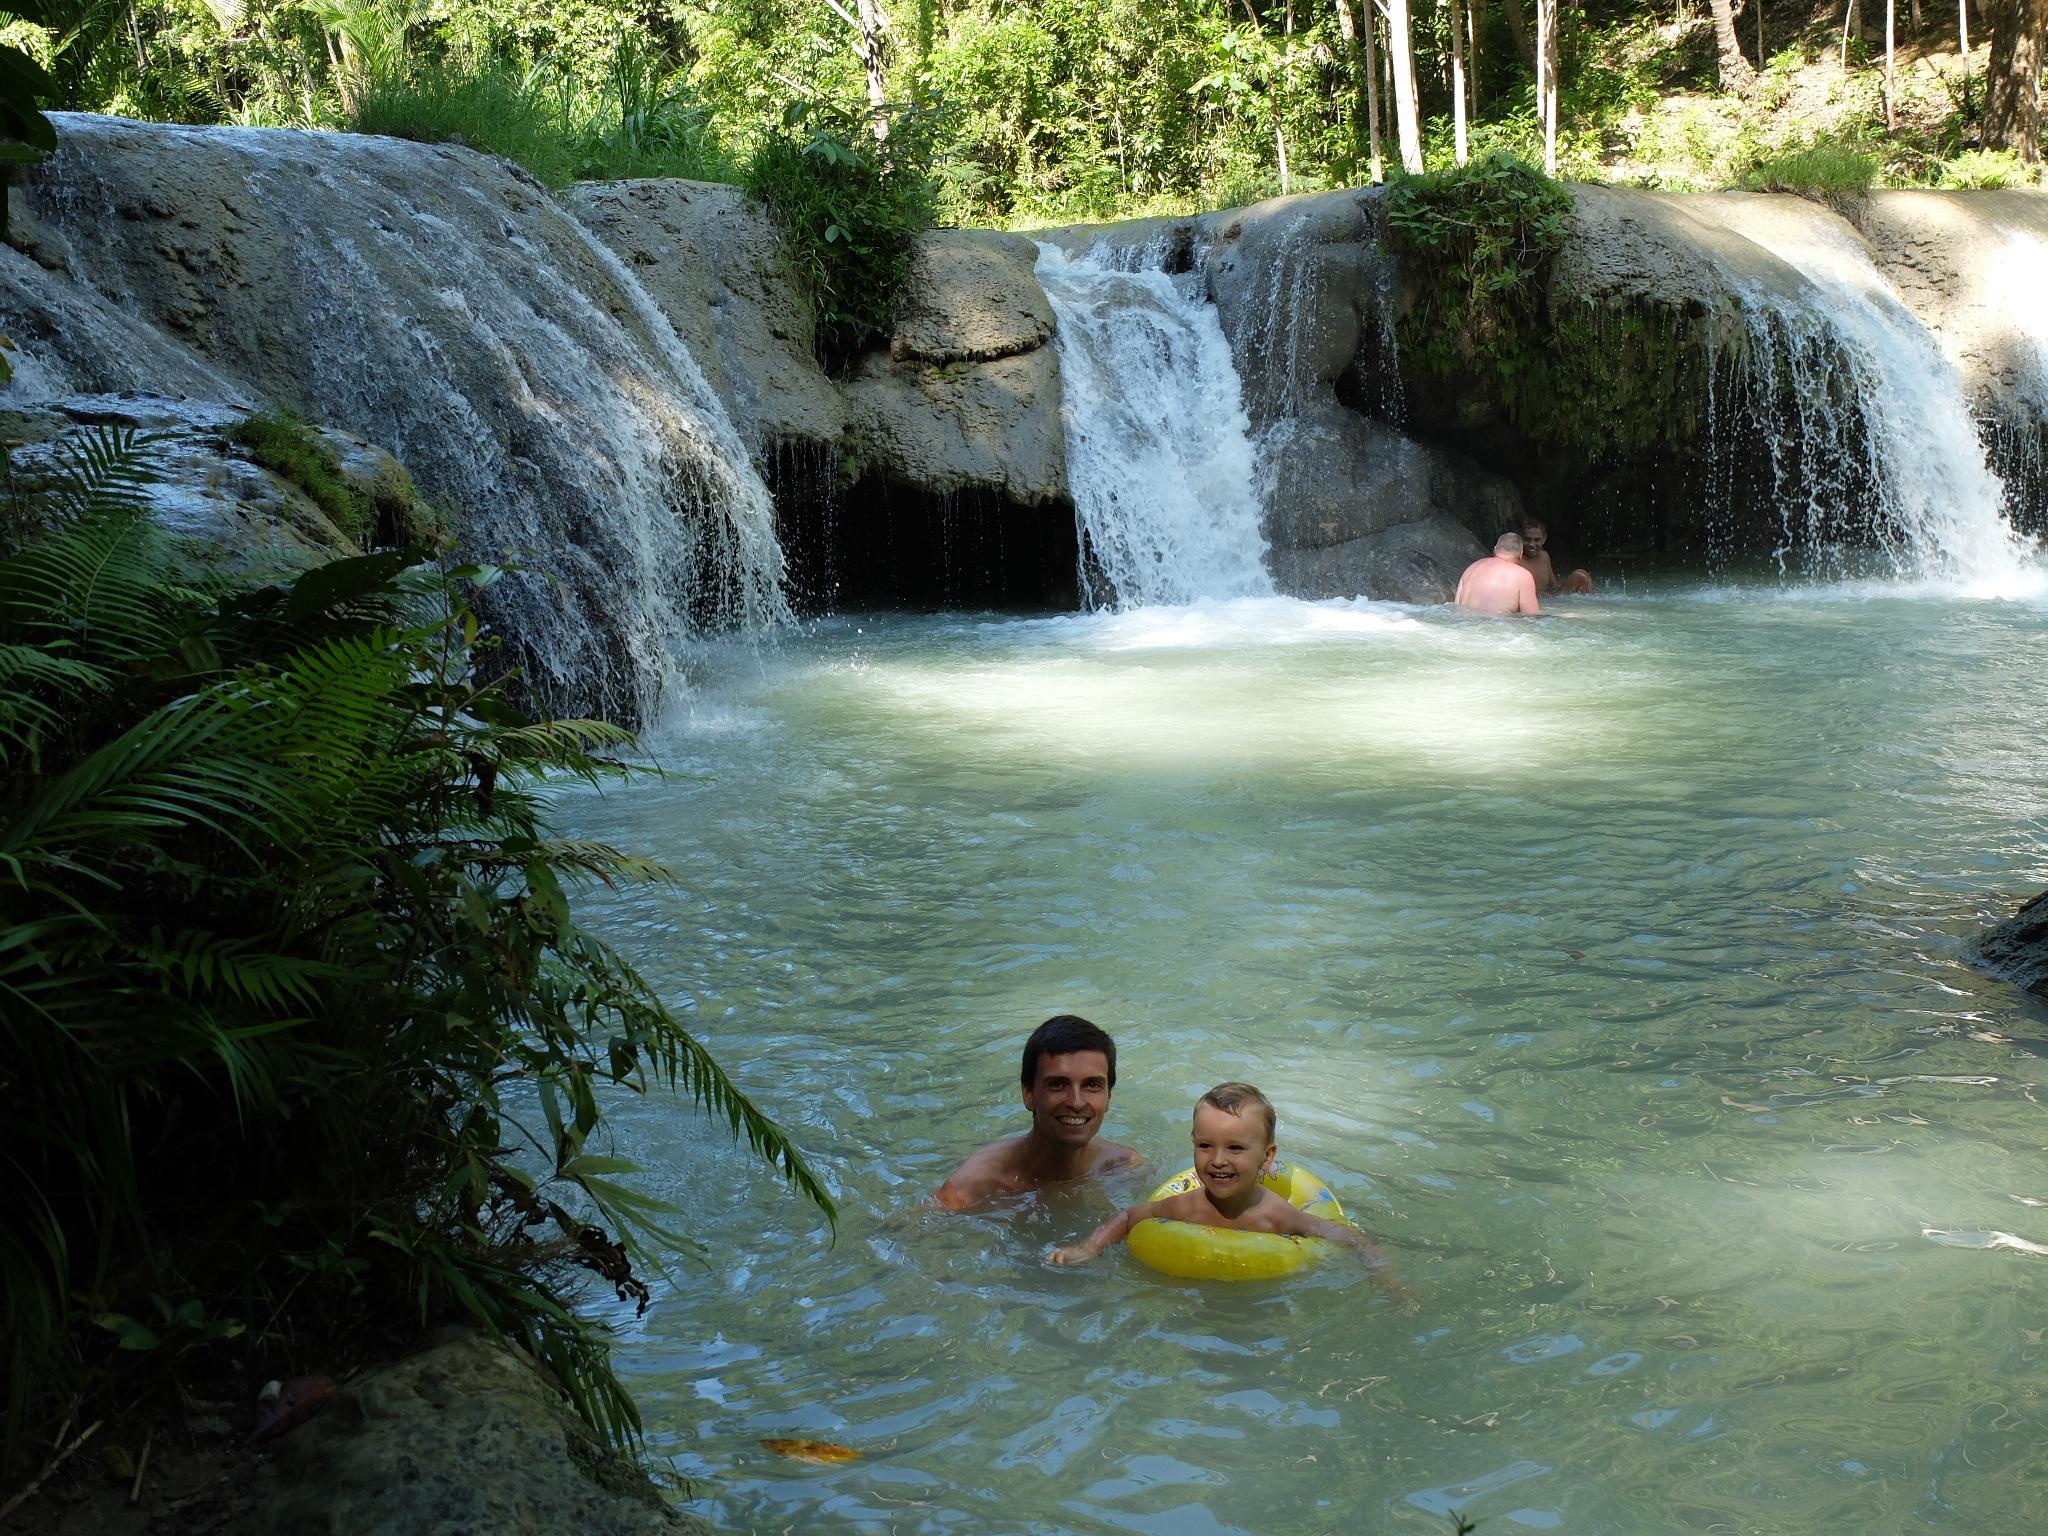 Kąpiel w wodospadzie